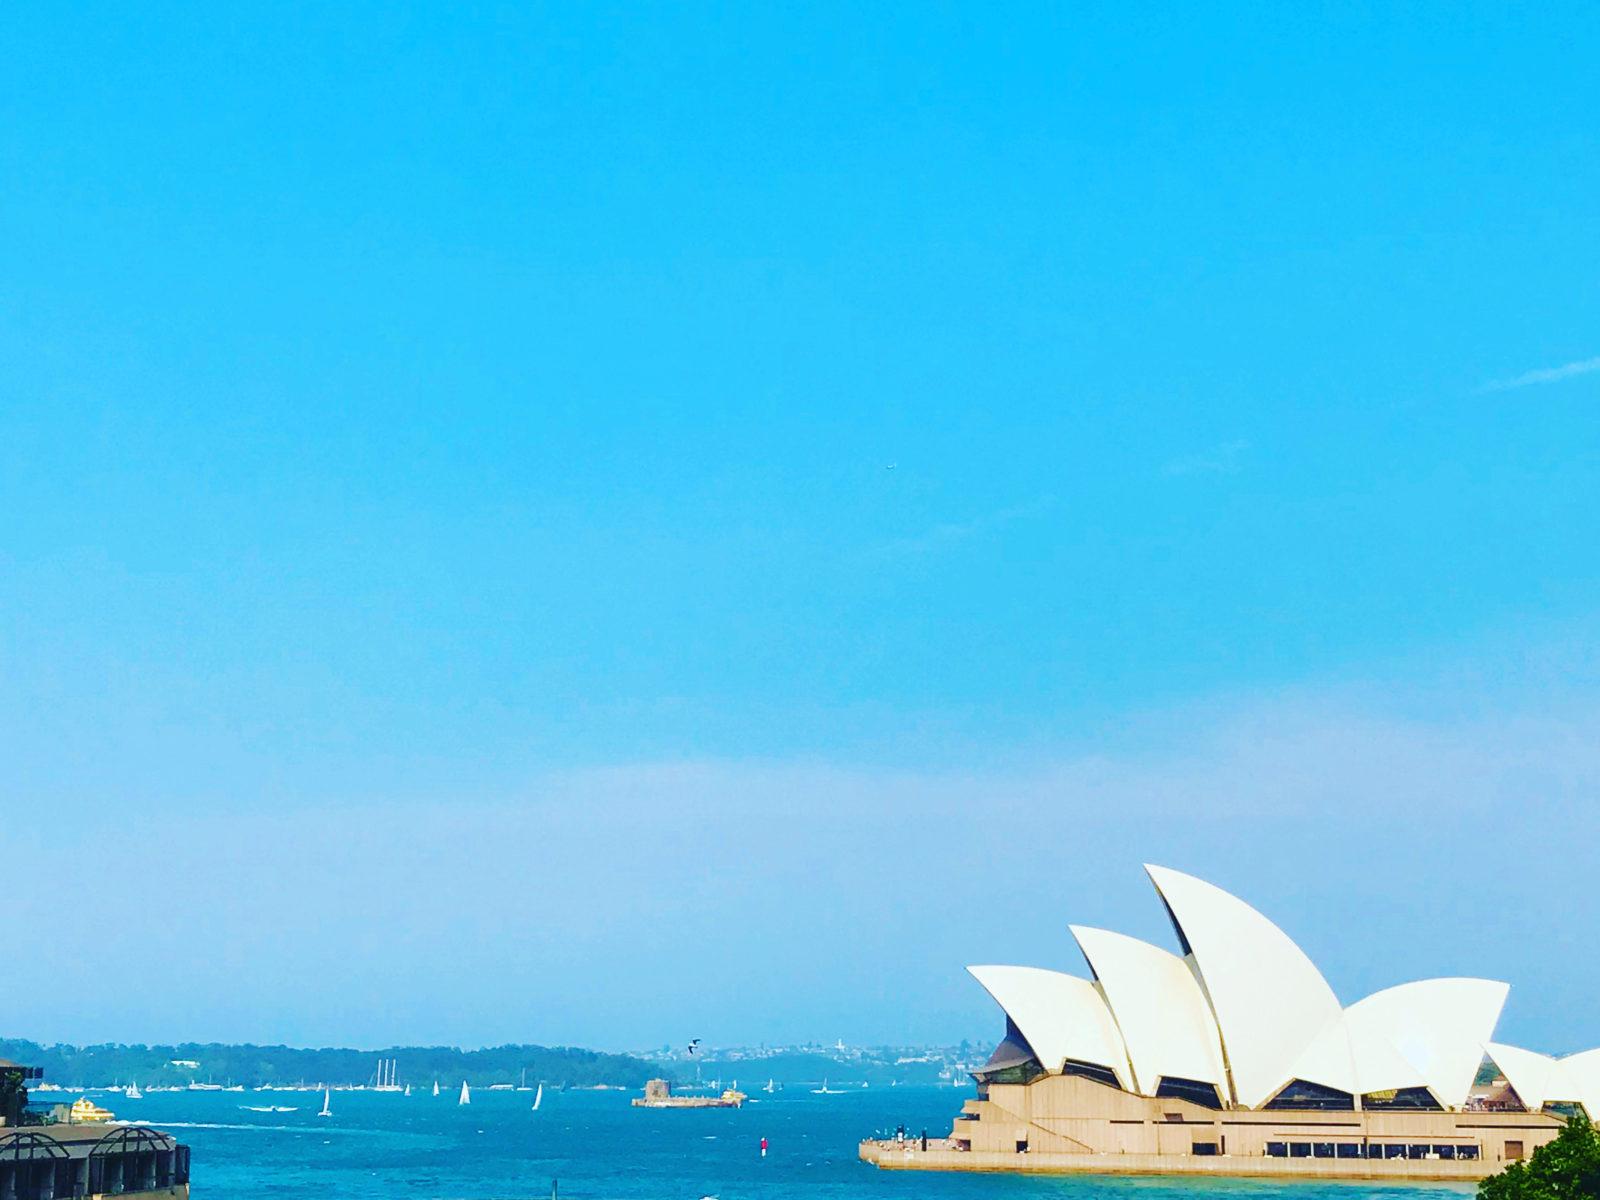 ついに到着!「幸福度が高くて、温暖」な代表国へ。(オーストラリア1/5)